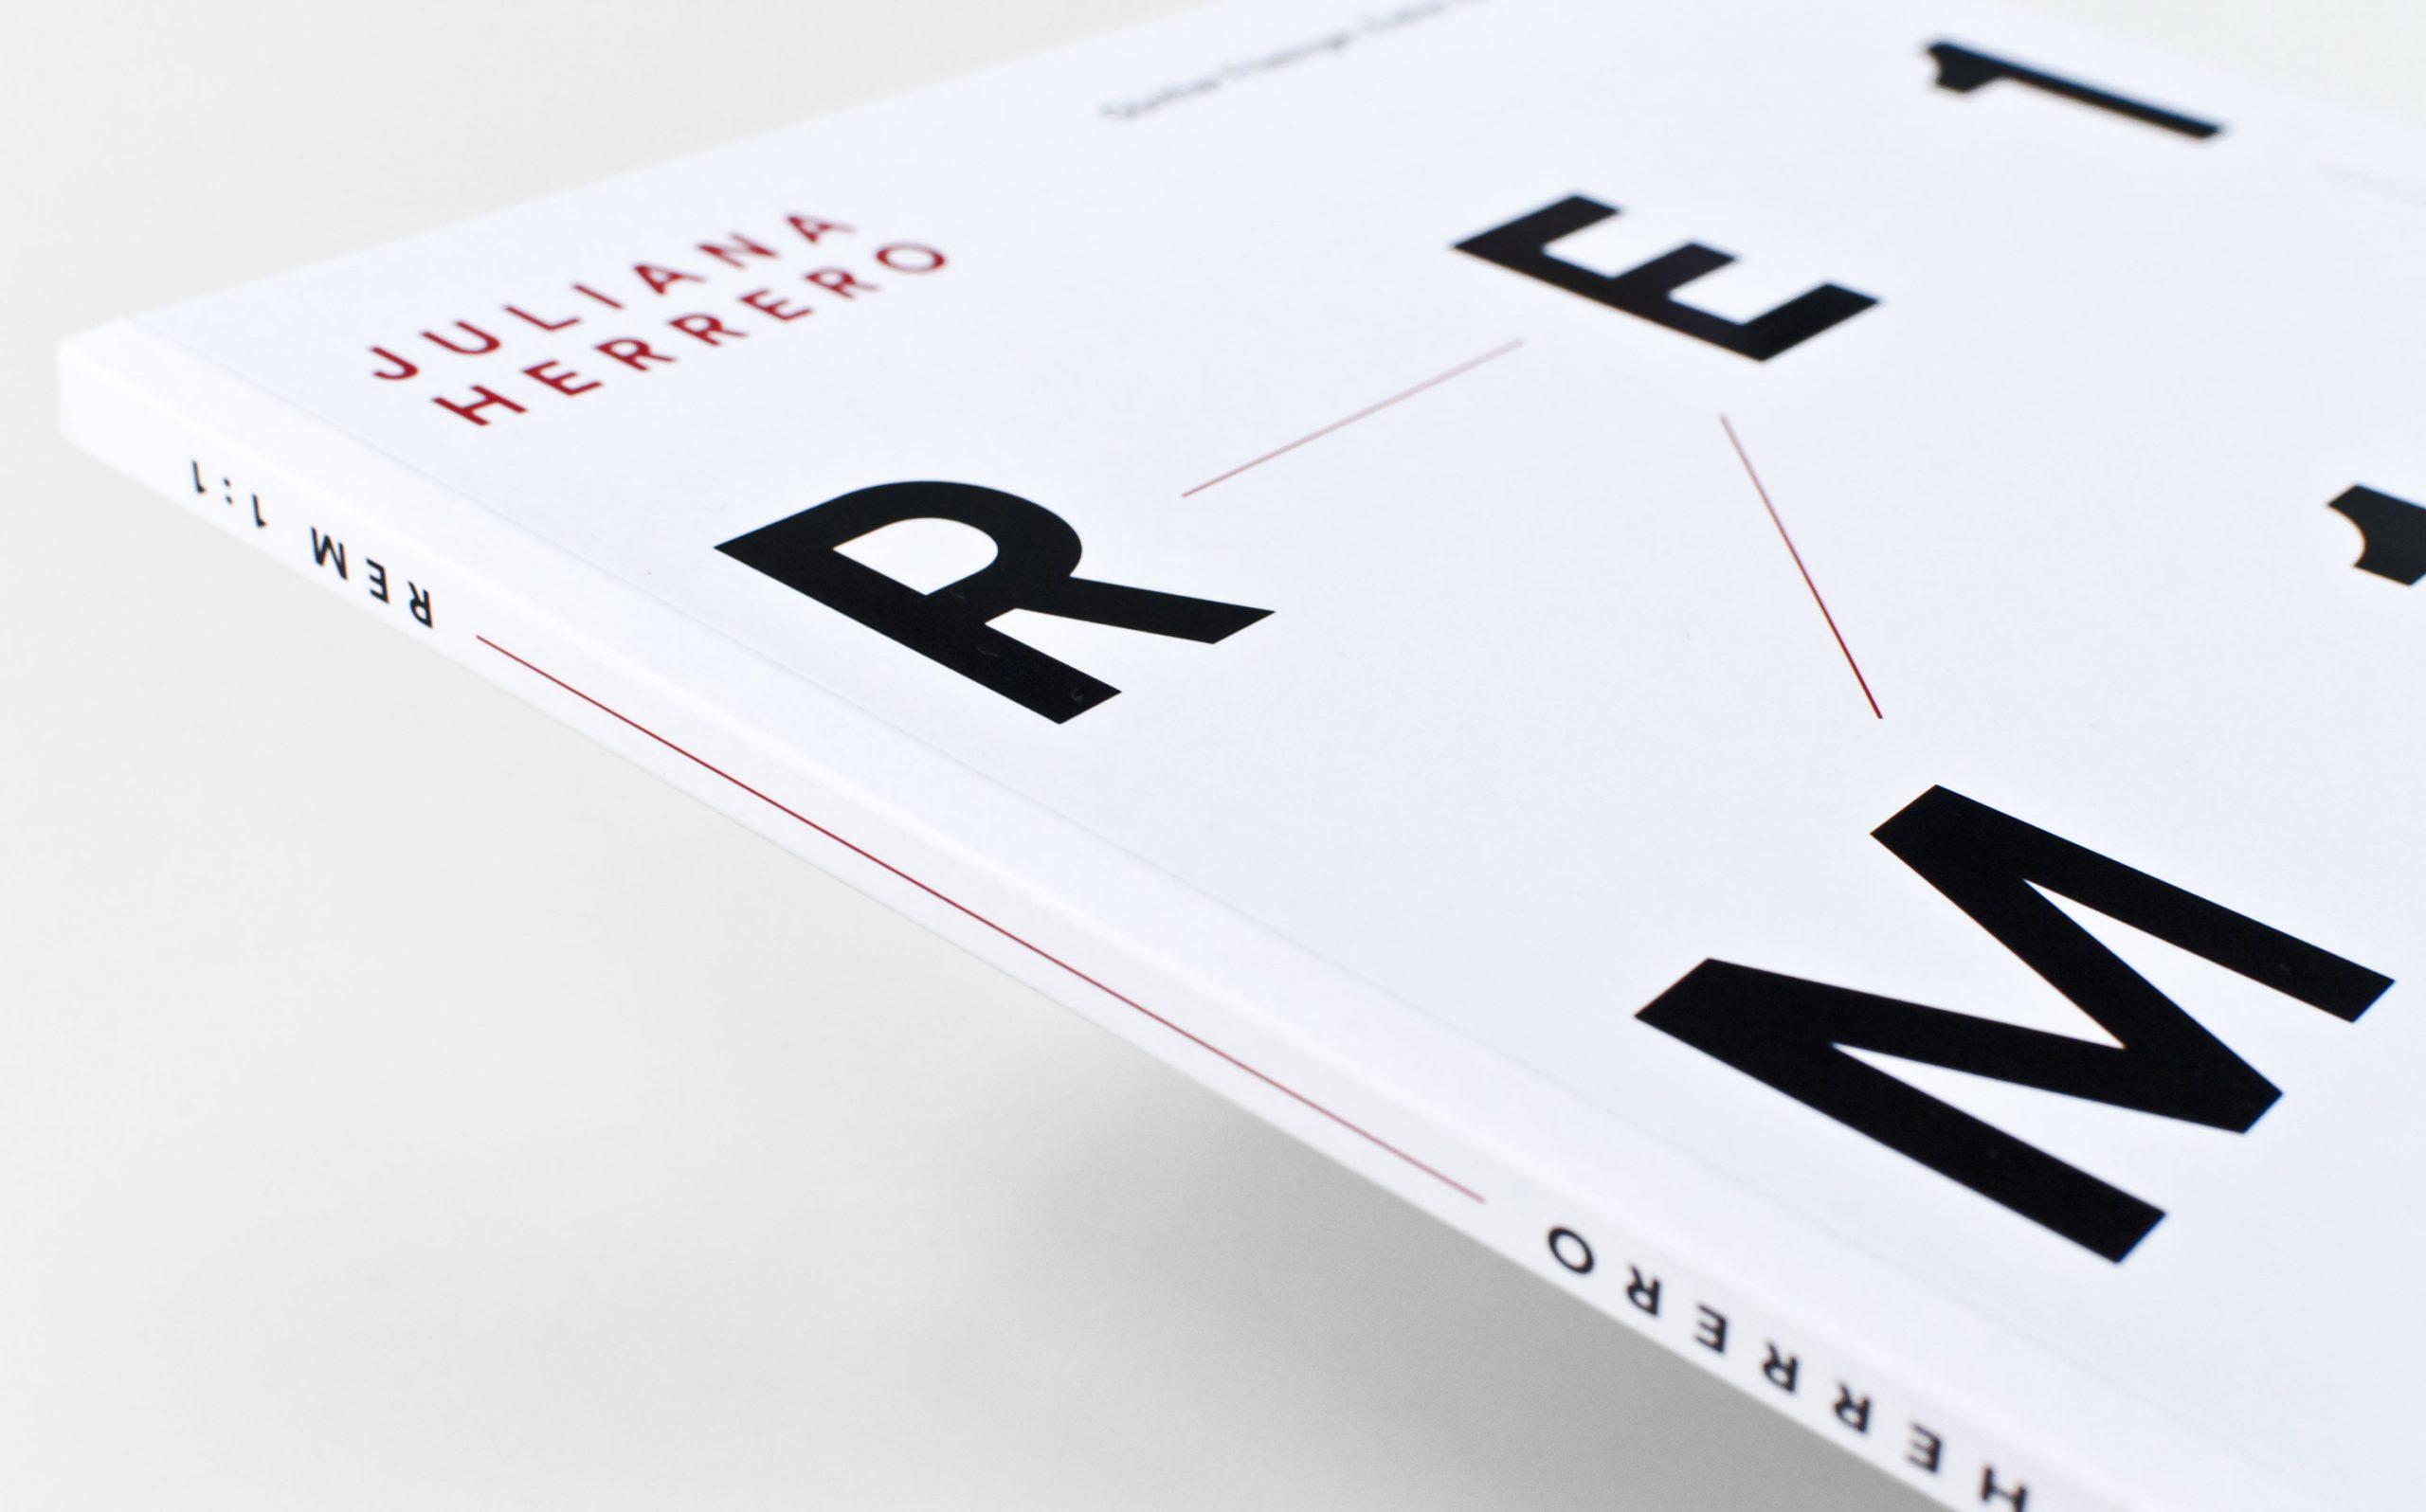 Detail aus Juliana Herrero – REM 1:1 | Cover mit Buchrücken, gesetzt in LL Circular | Keywords: Editorial Design, Artist Book, Künstlerbuch, Buchgestaltung, Grafikdesign, Design, Typografie